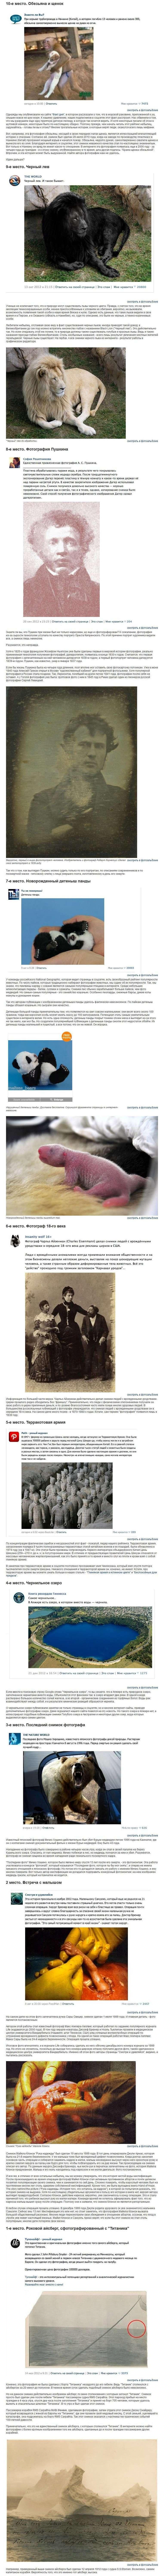 ТОП-10 неправдивих фактів 2012 року (2 картинки)